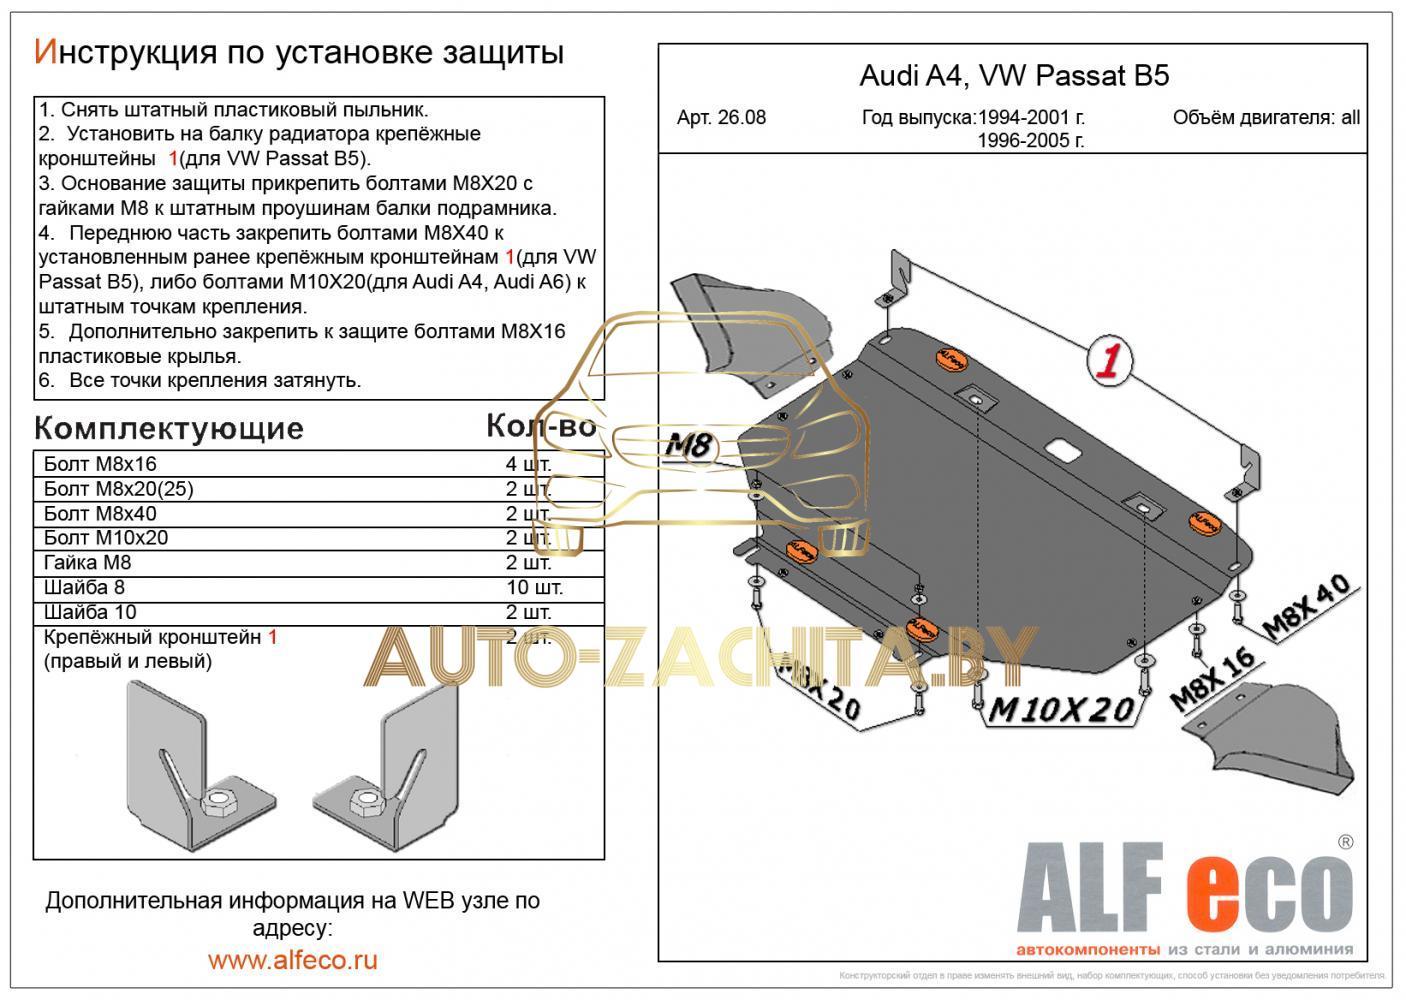 Металлическая защита двигателя AUDI A4 B5 1994-2001